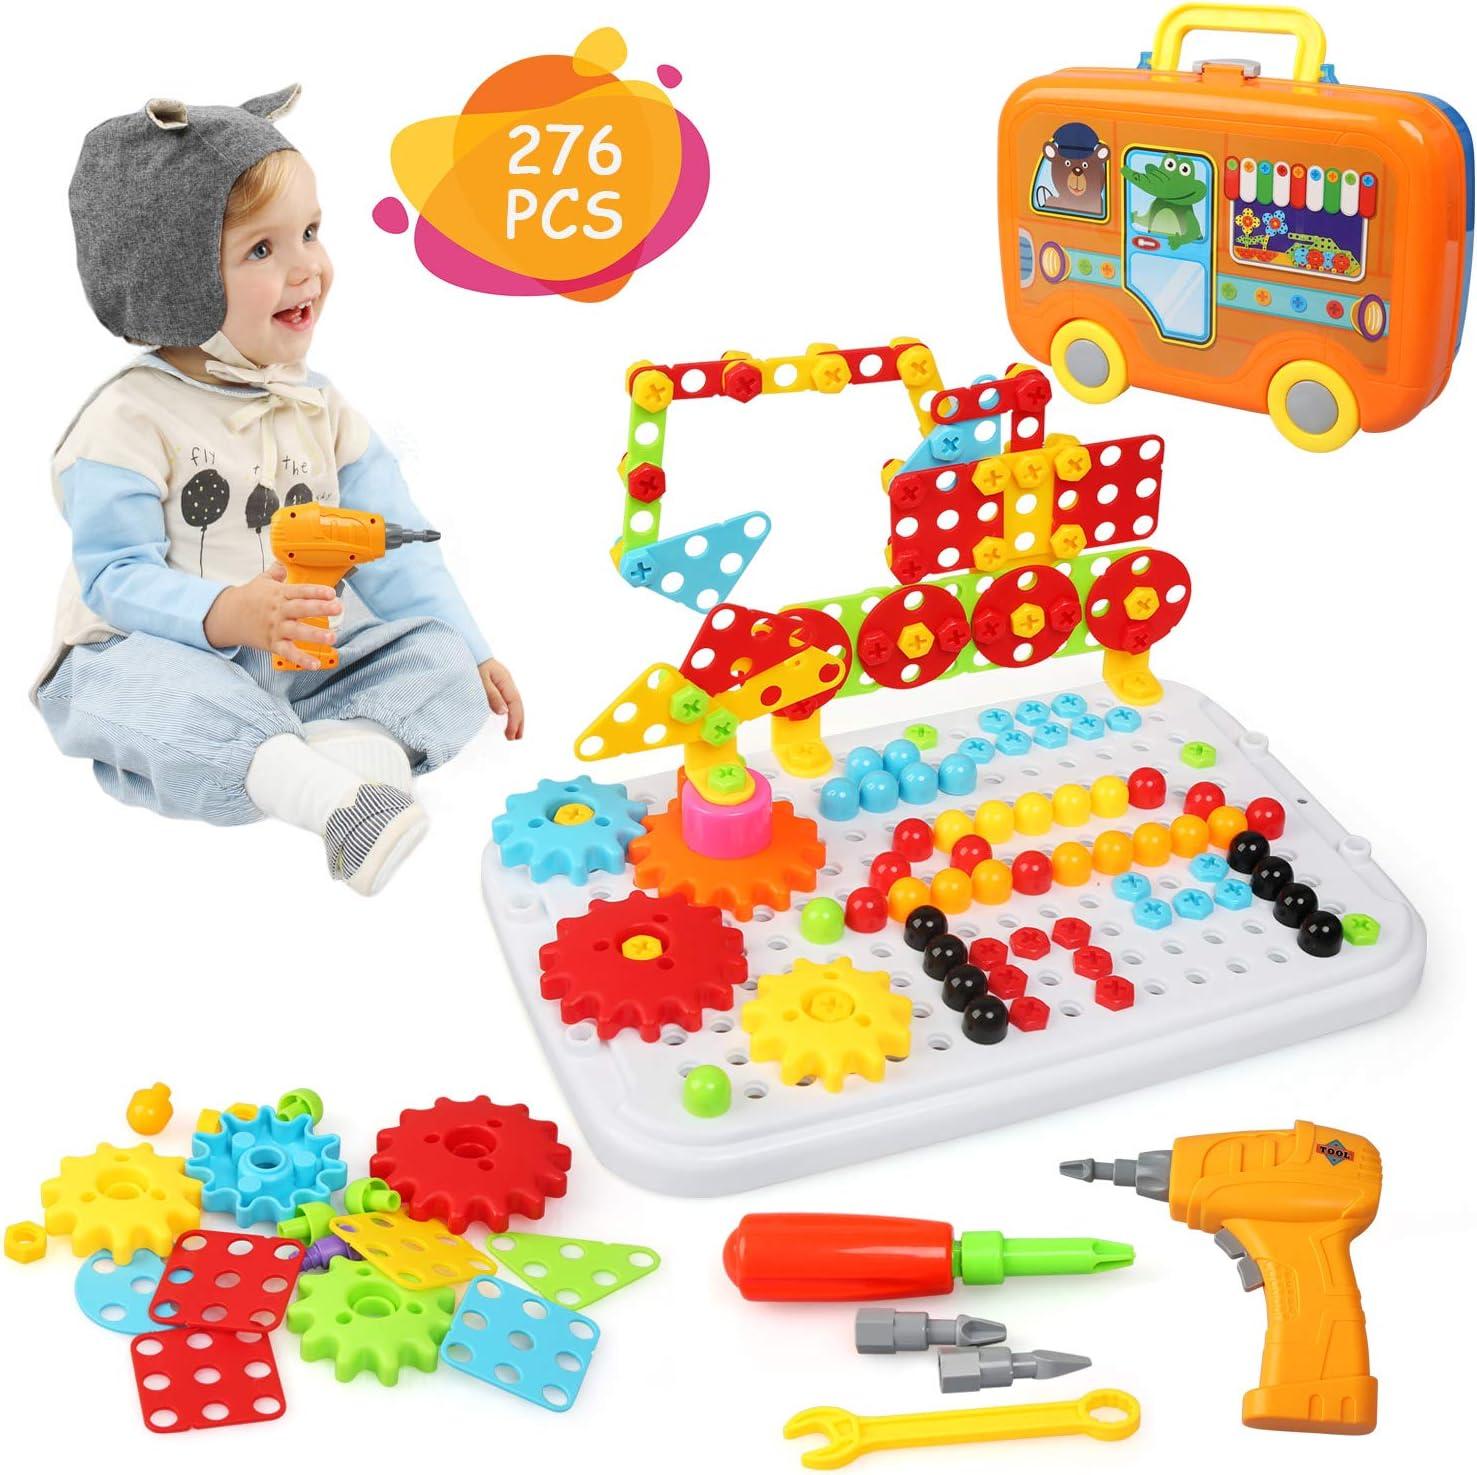 Ballery Juguetes Montessori Puzzles 3D, 276 Piezas Bloques Construccion Rompecabezas, Bricolaje Taladro Eléctrico Juguete de Construcción para niños niños